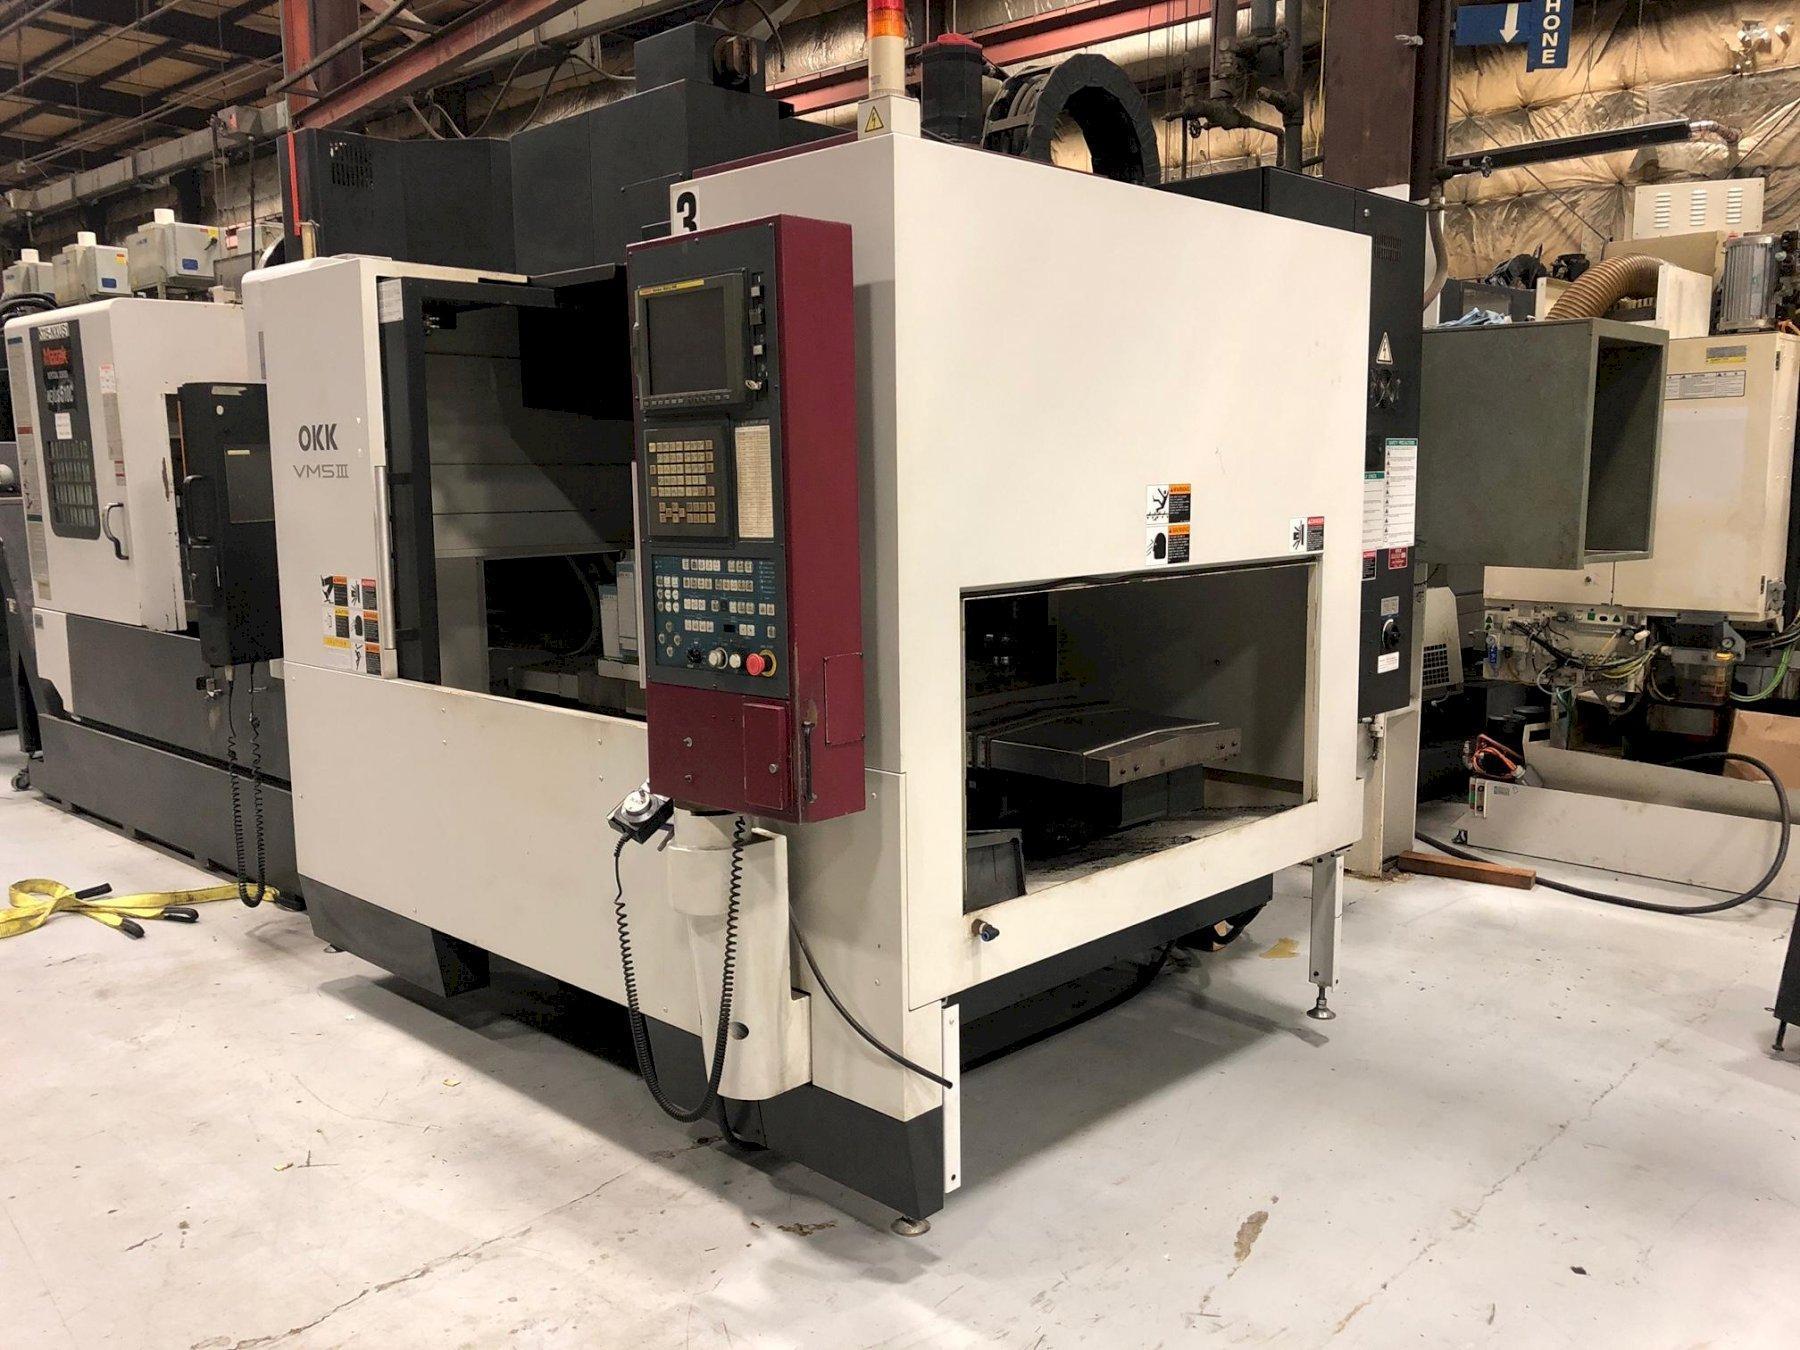 OKK VM5 III CNC Vertical Machining Center